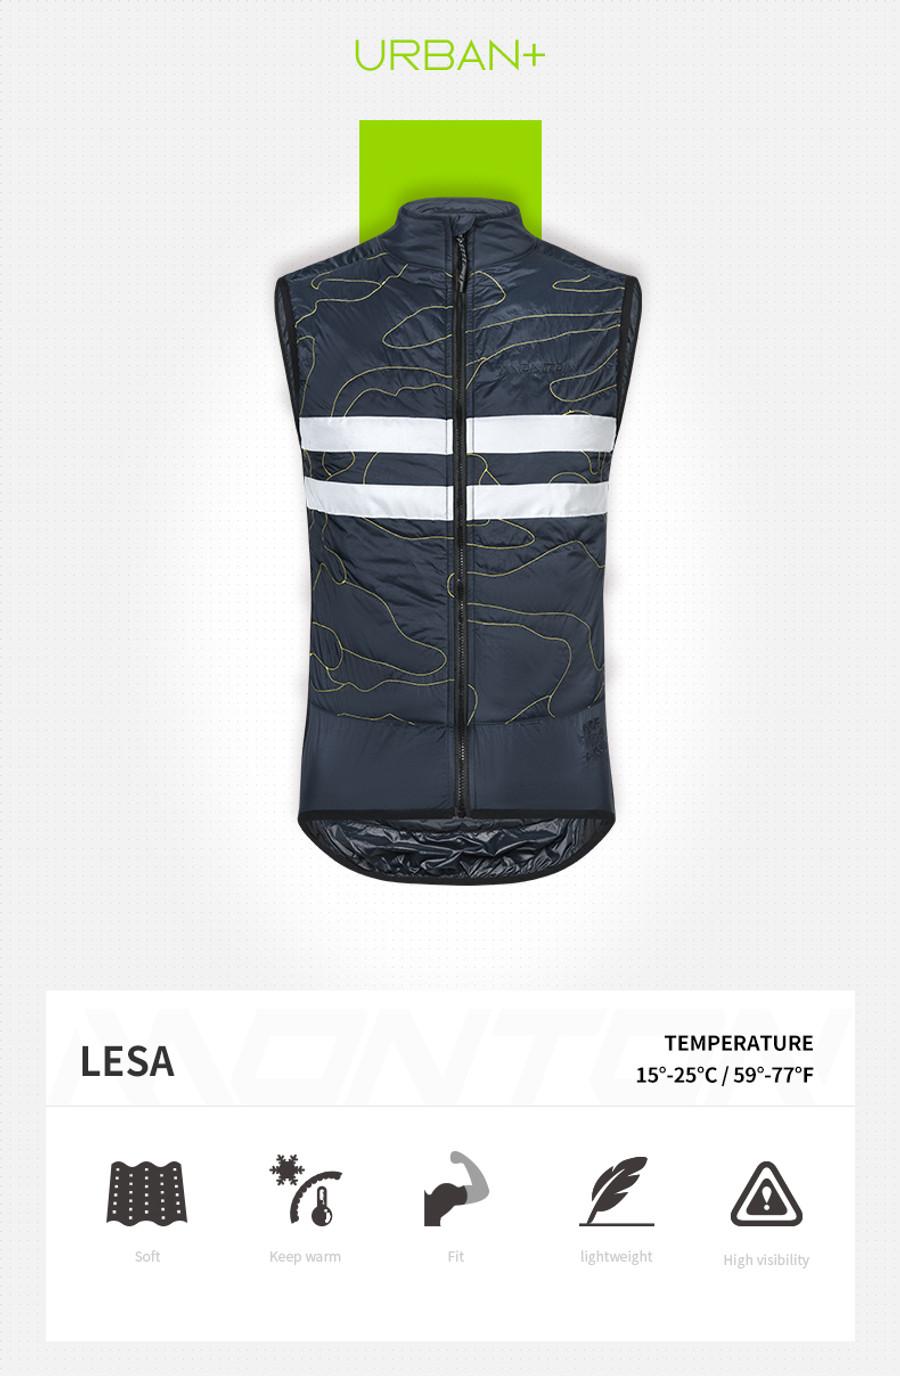 Men's Urban+ Lesa Thermal Gilet - blue